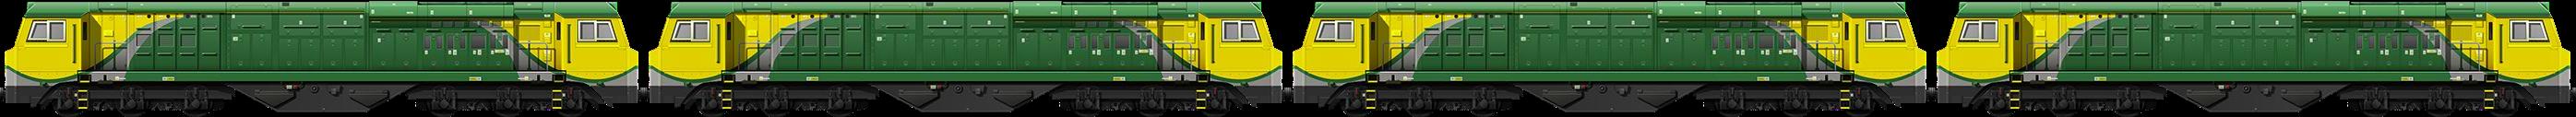 BR Class 70 Quad